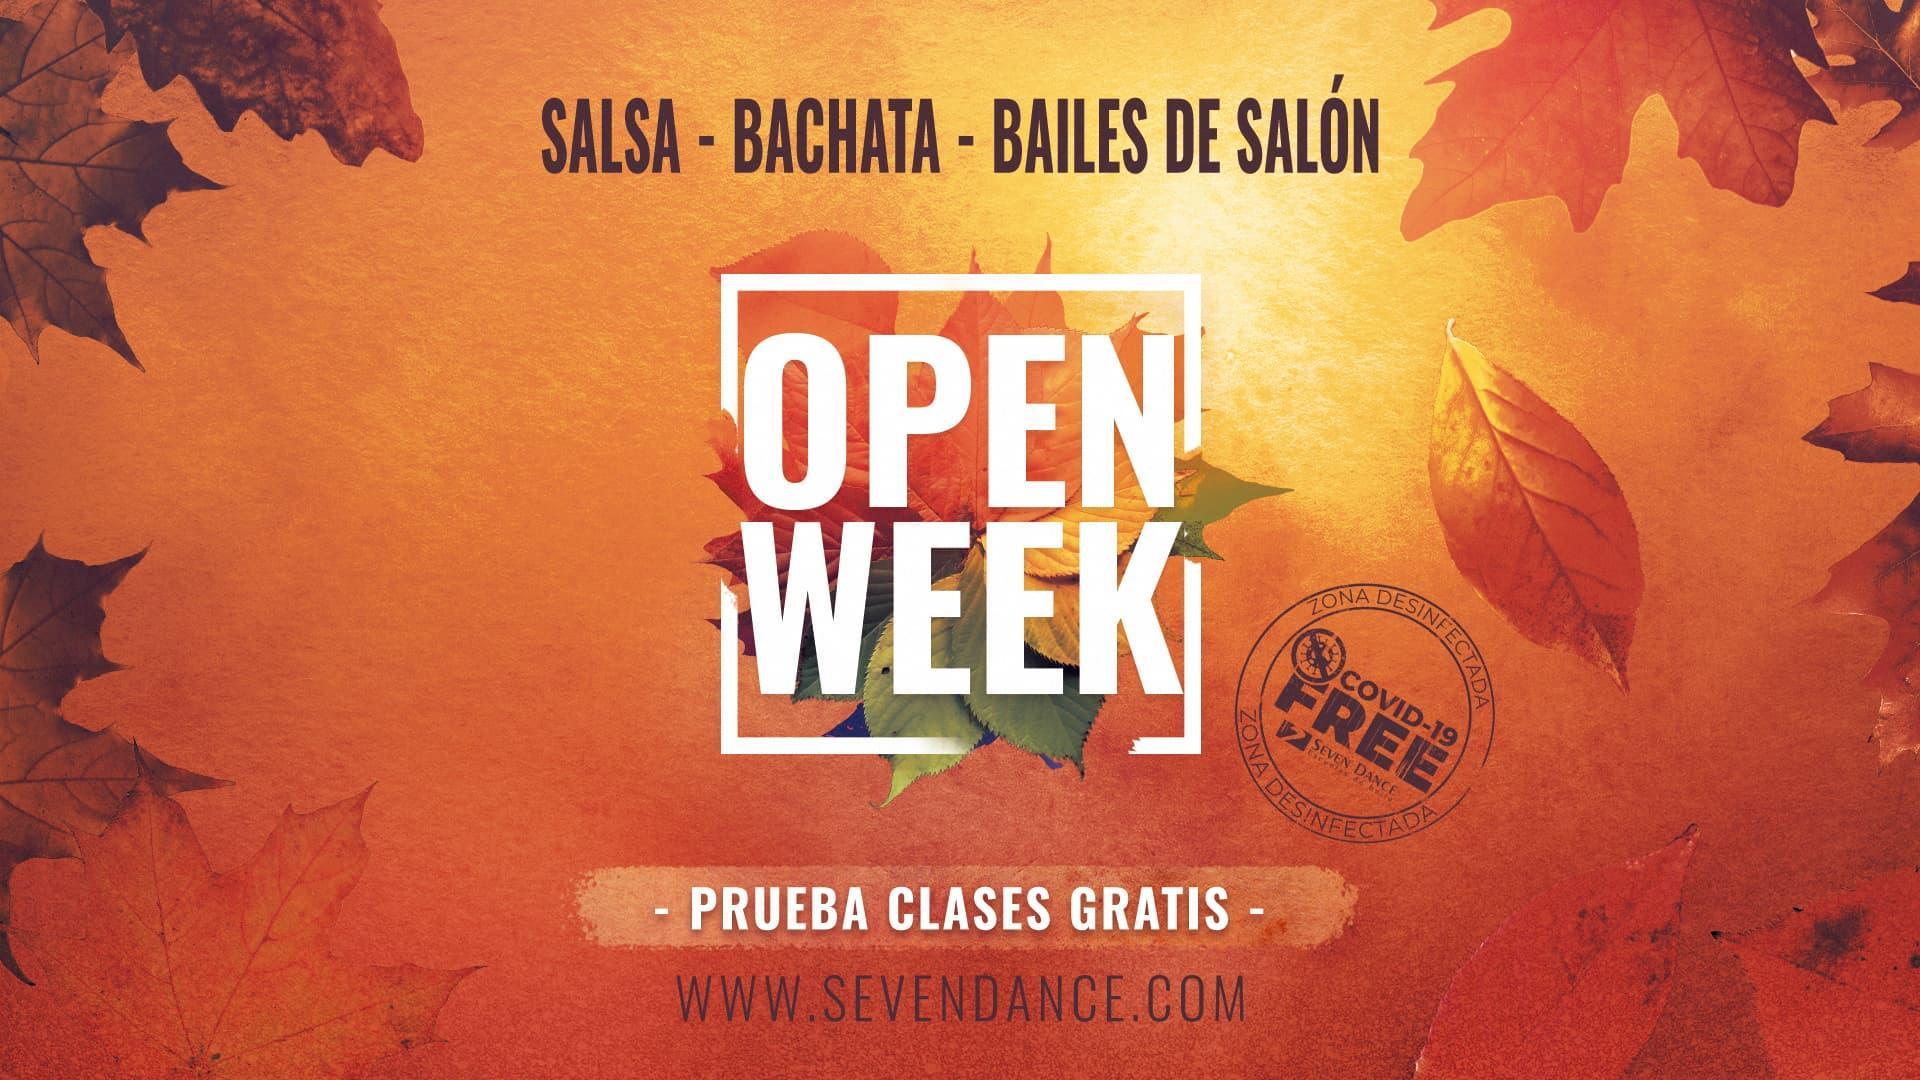 Te regalamos clases de Salsa y Bachata para que las regales. No hay mejor regalo